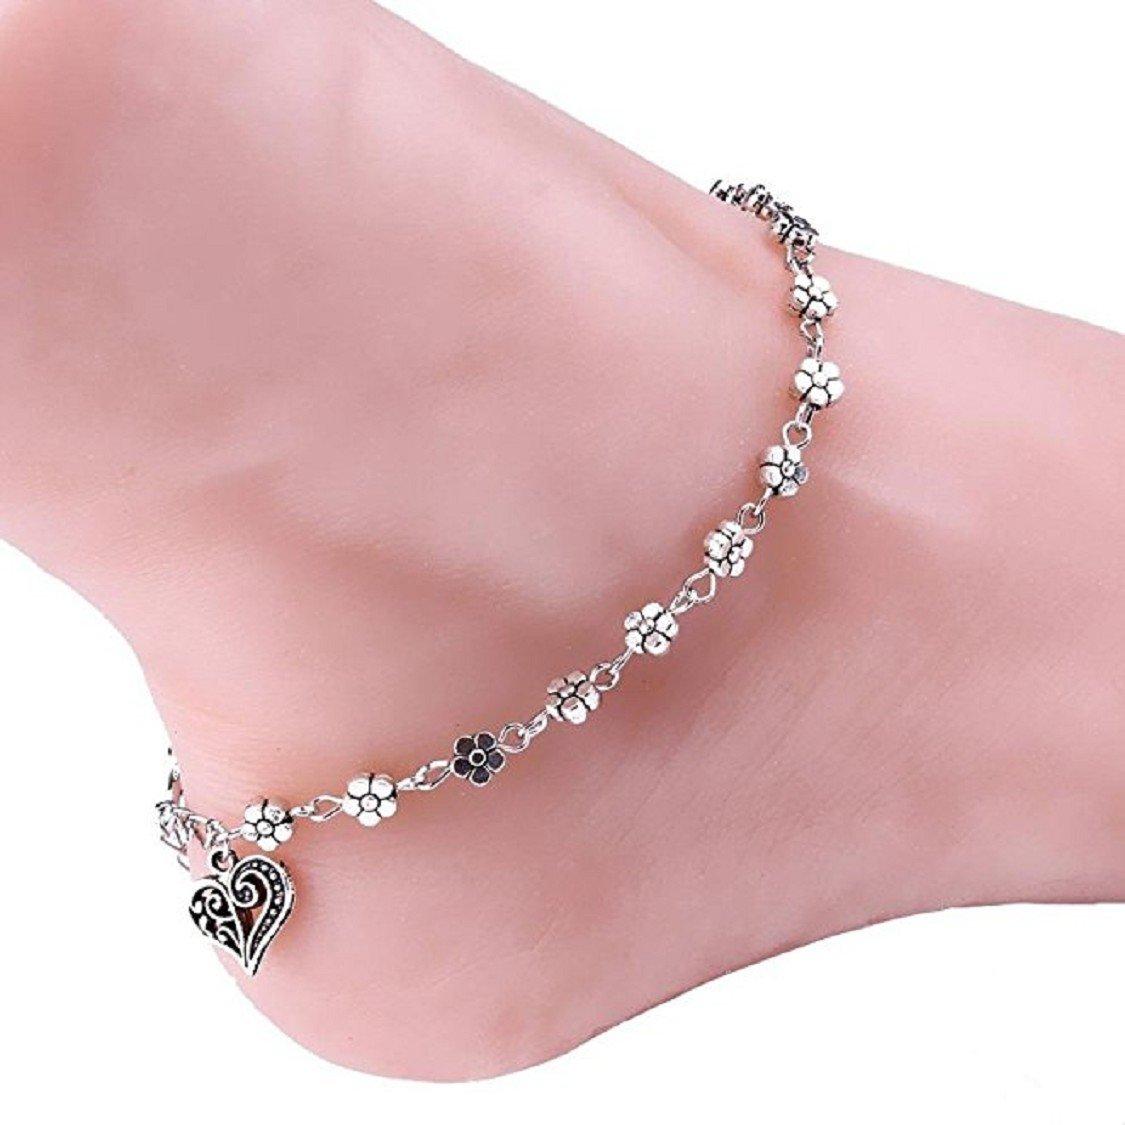 Ikevan Hot Selling 1 pc Fashion Women Heart Anklet Ankle Bracelet Beach Foot Jewelry